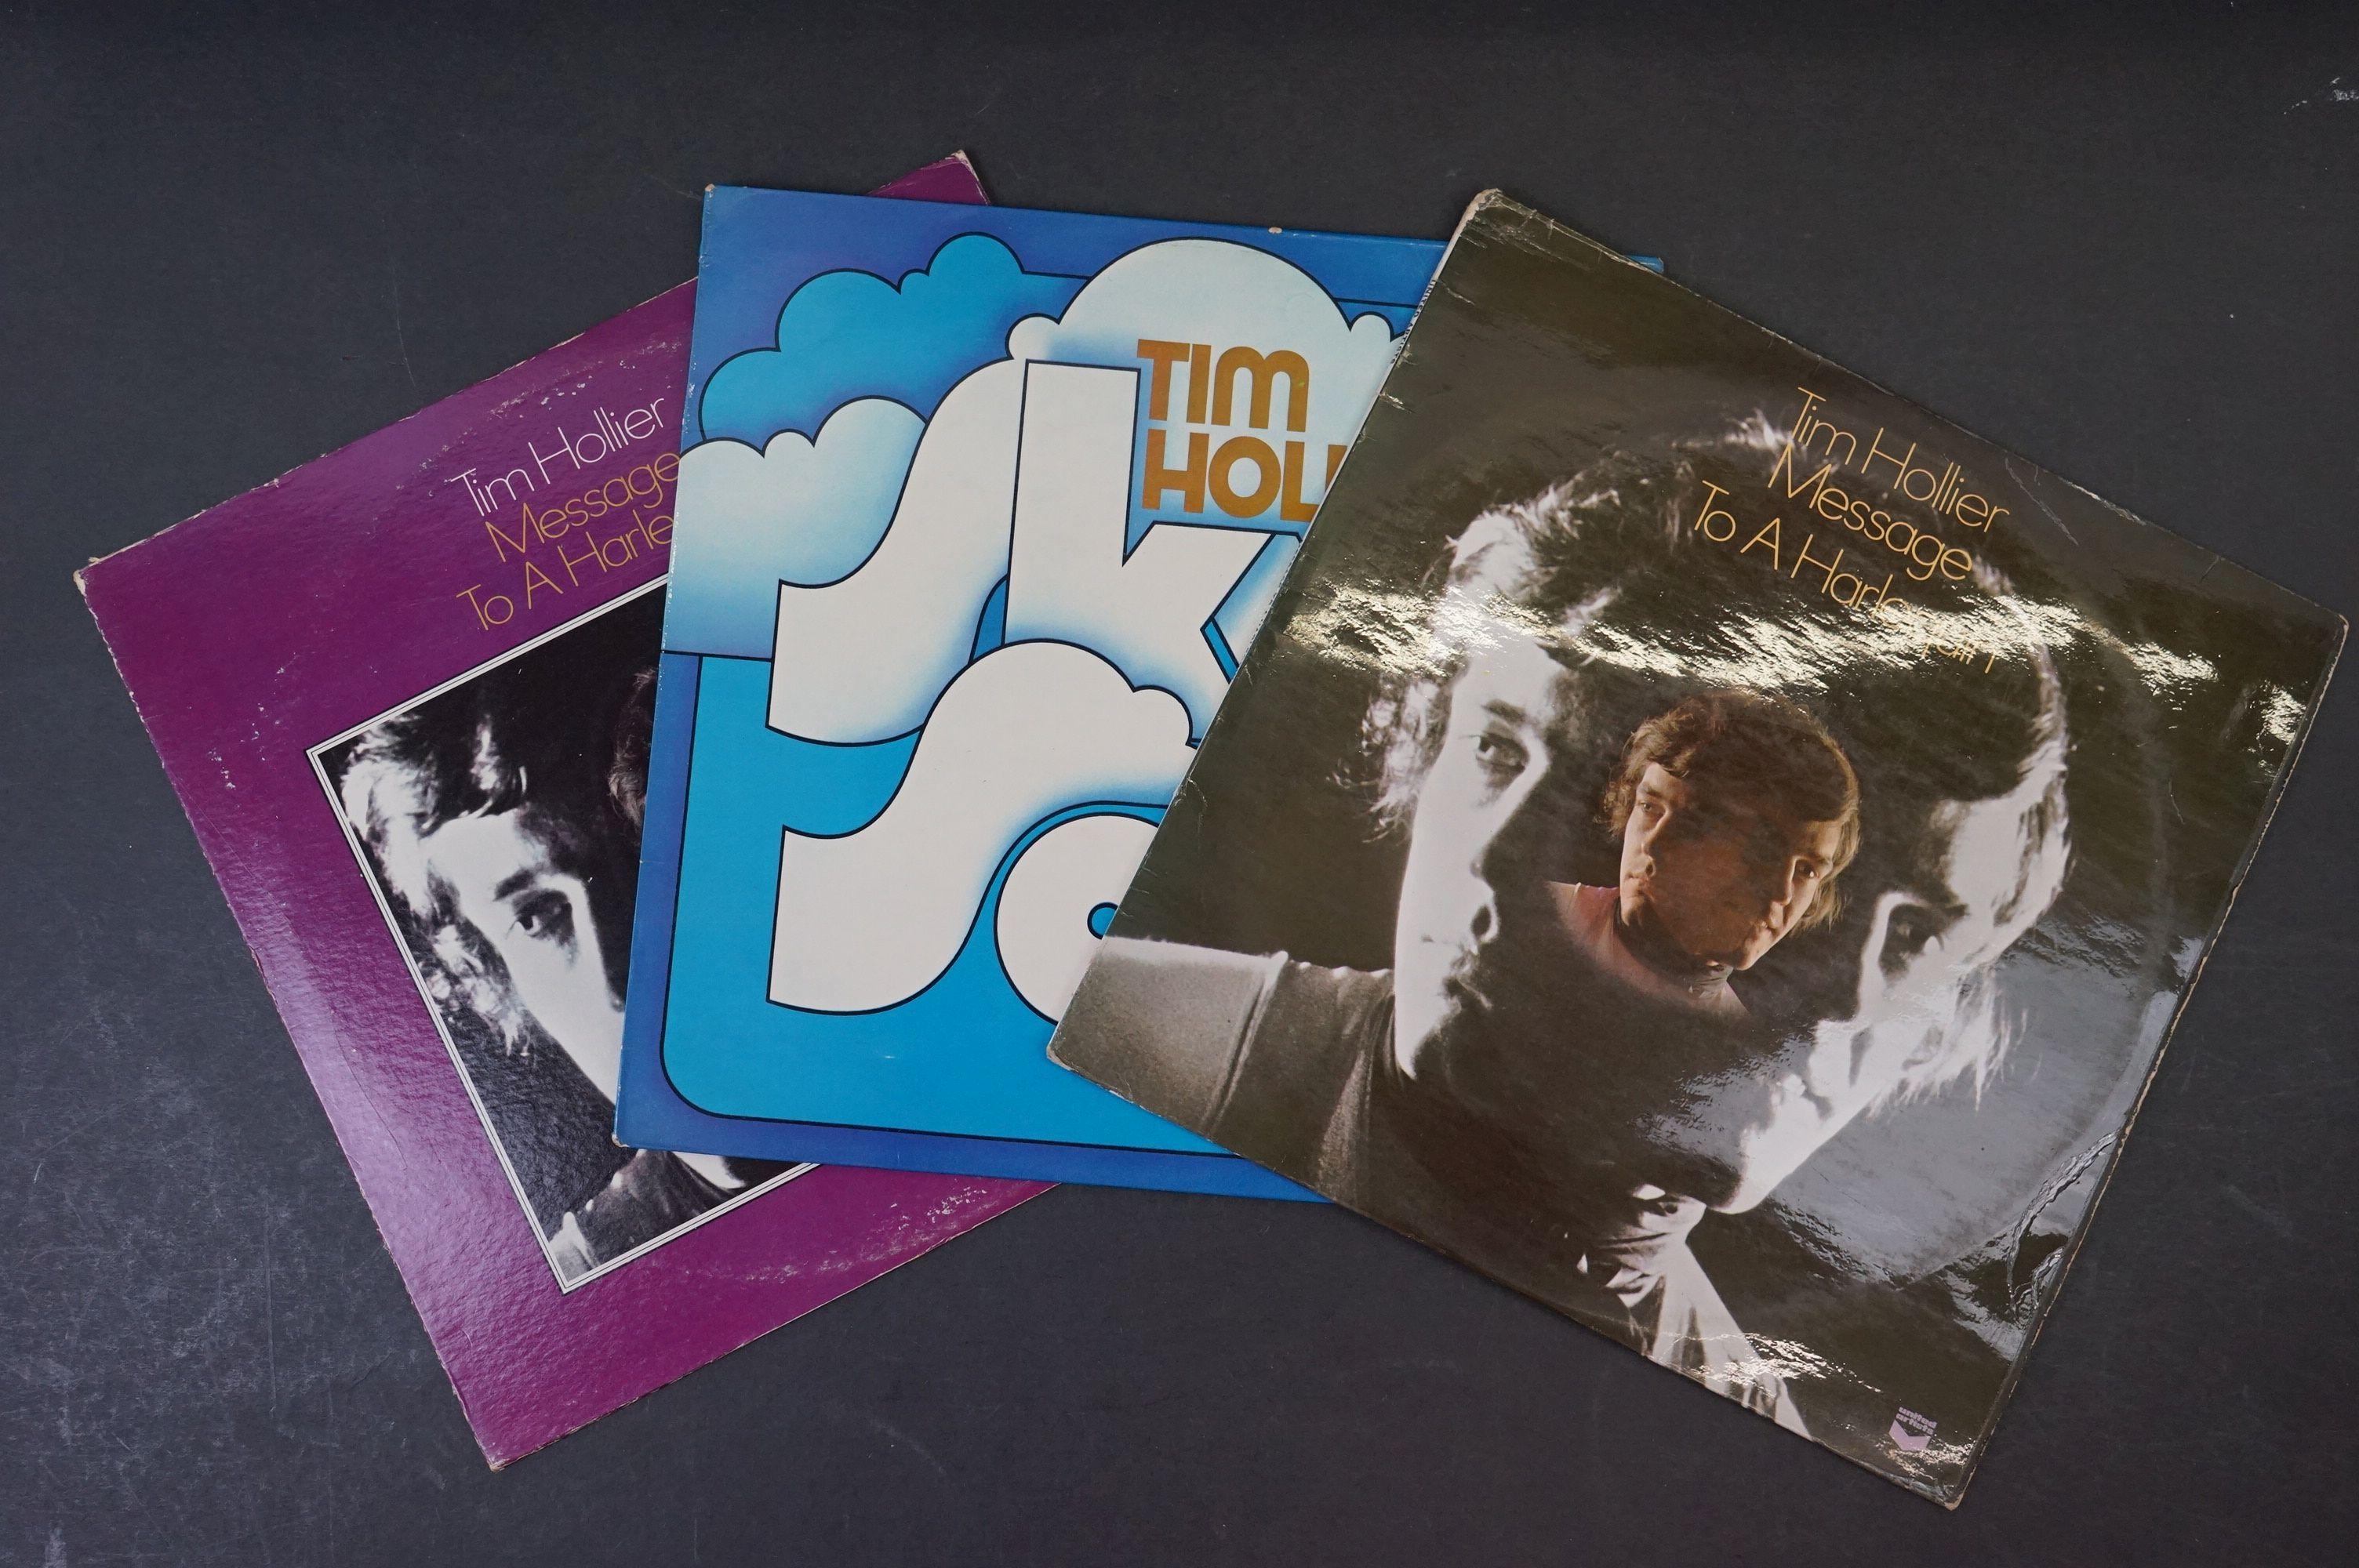 Vinyl - Acid Folk / Psych - Tim Hollier, Three scarce original pressing albums to include ??